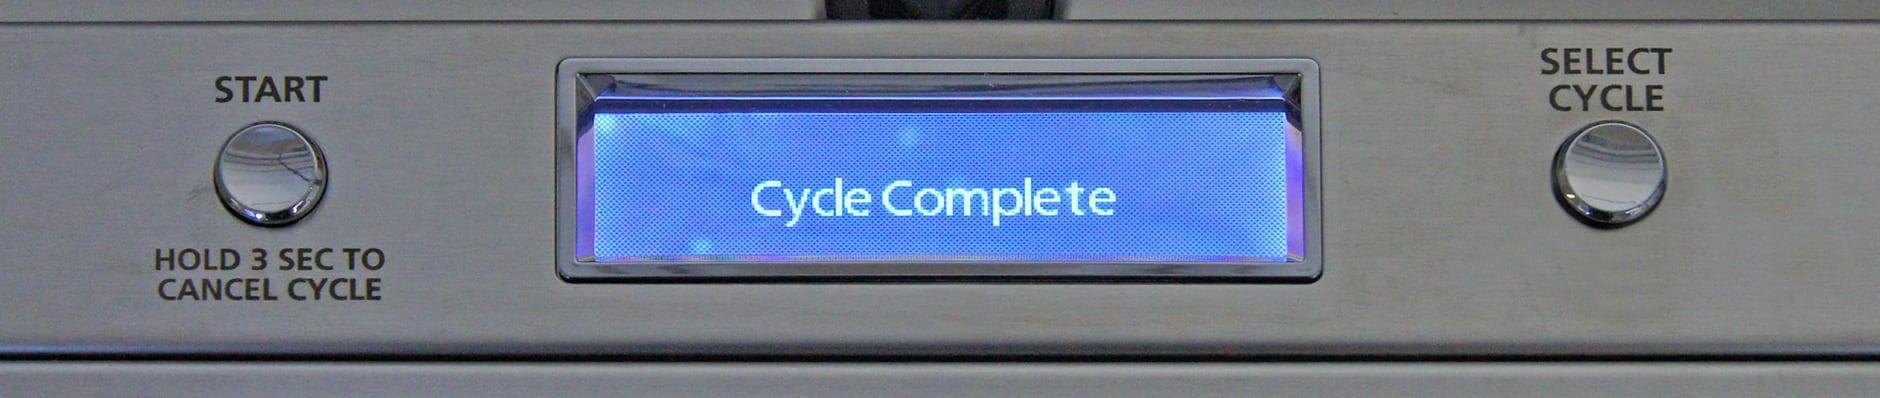 GE Monogram ZDT870SSFSS LCD screen